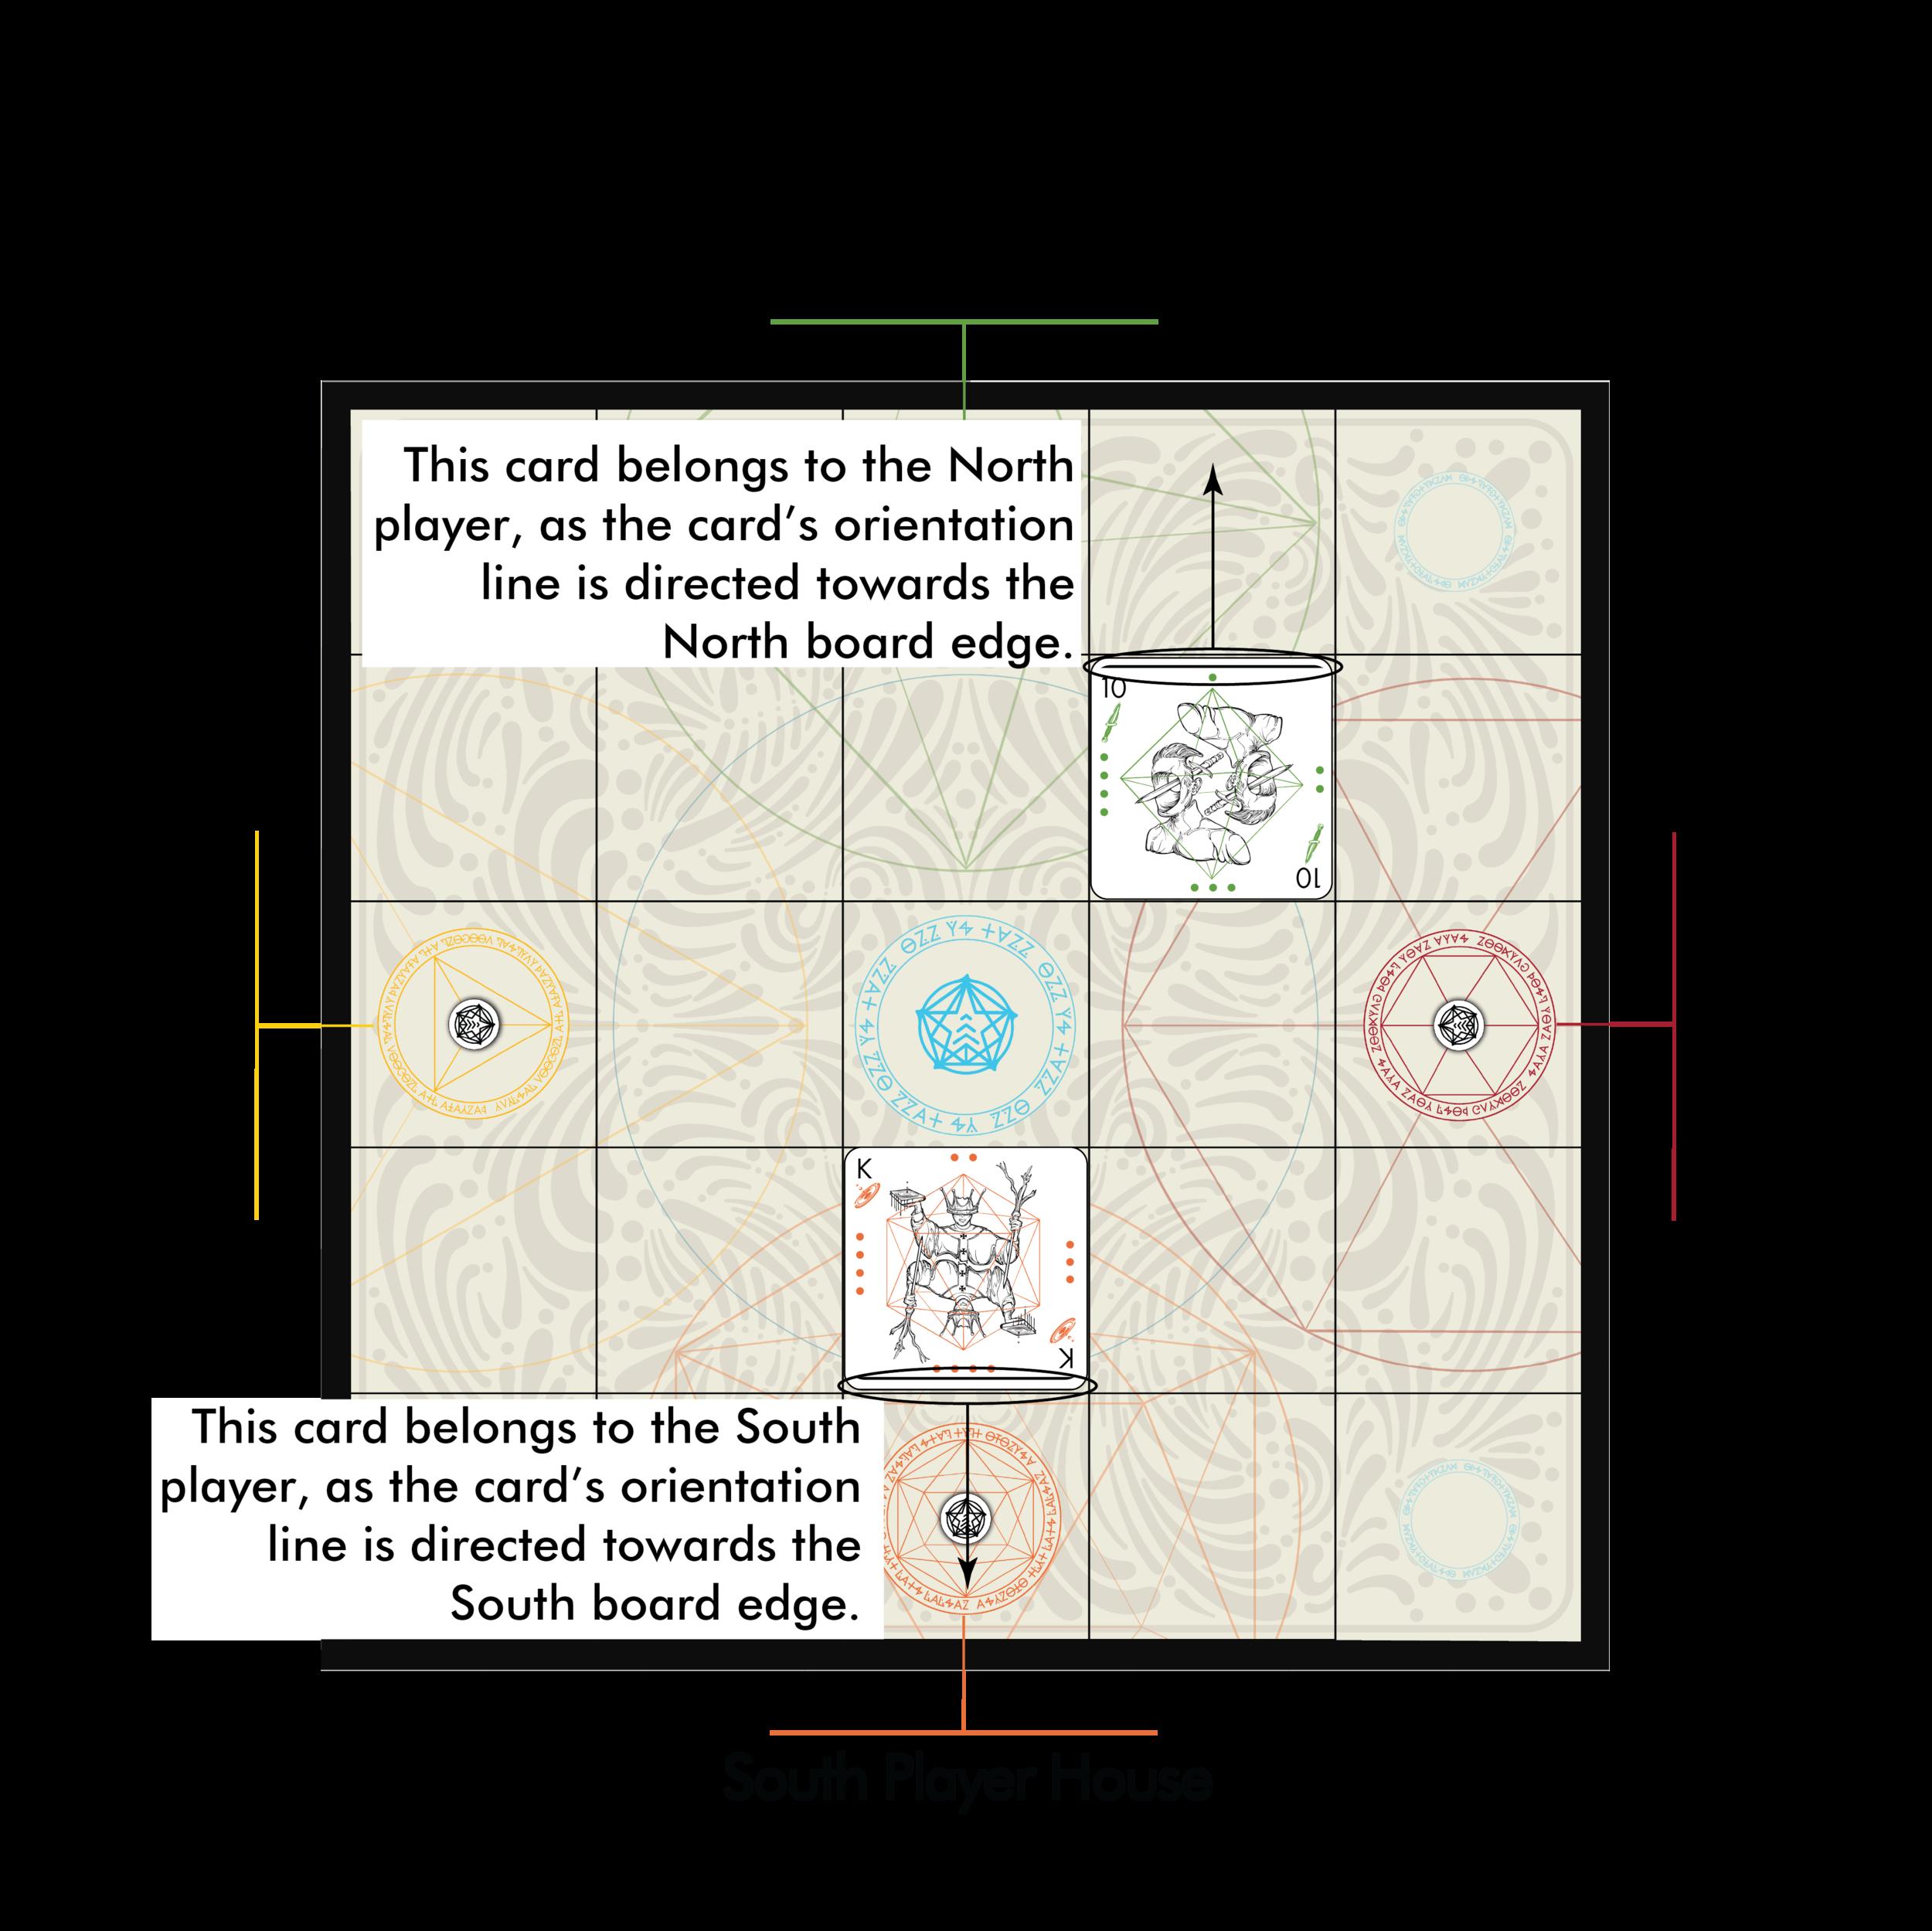 Fig. 1.4: Card Orientation